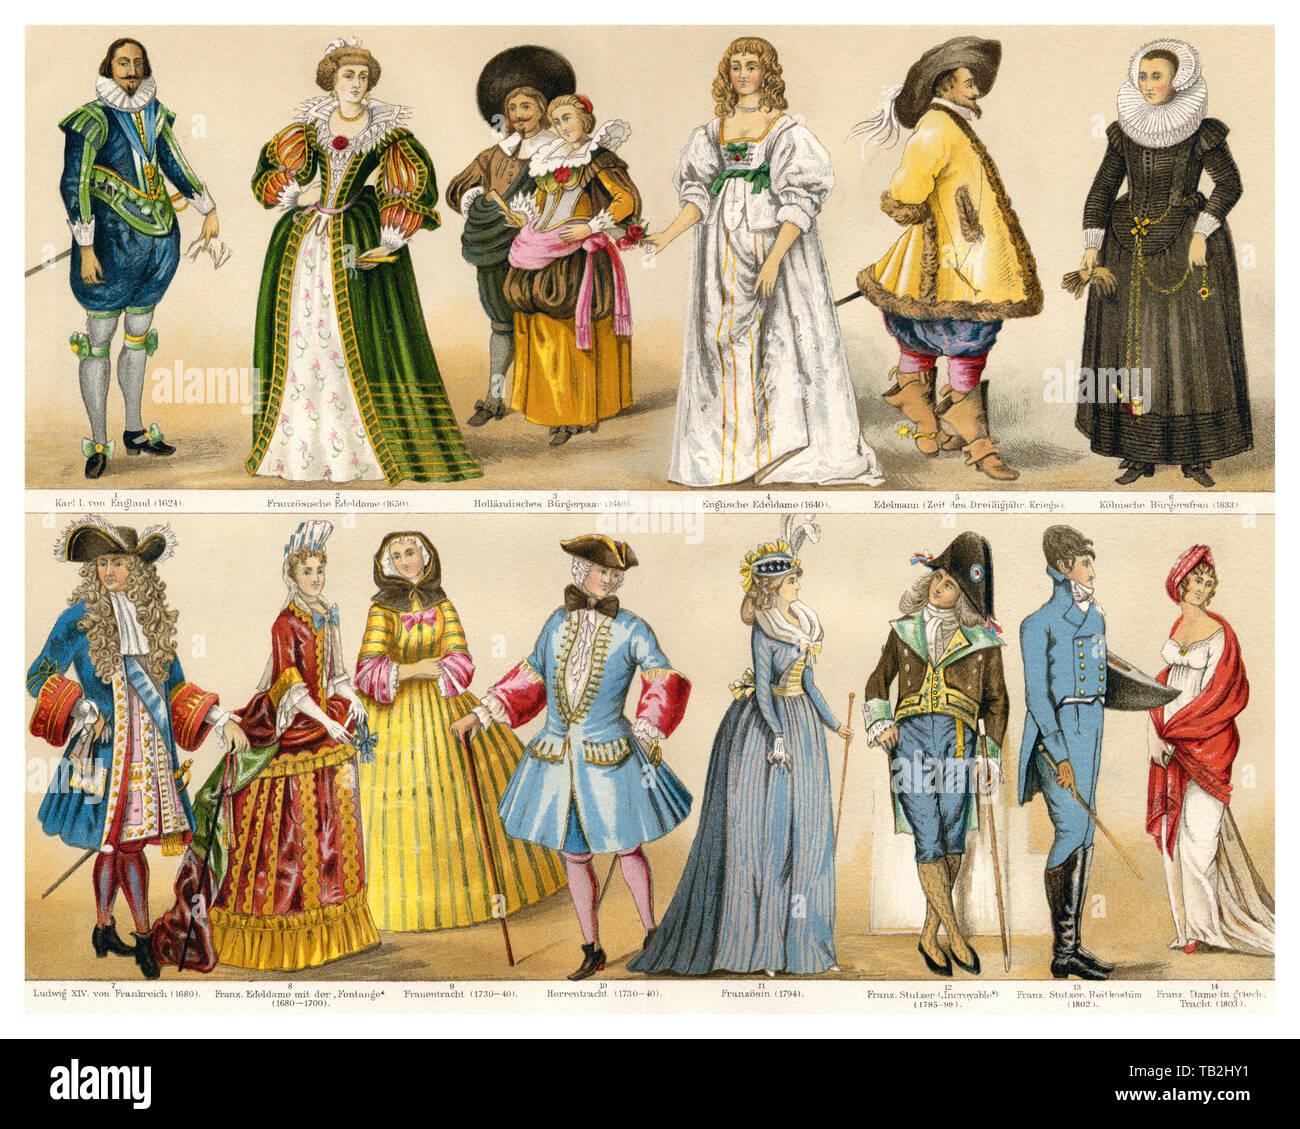 Mittelalterliche Mode Stockfotos & Mittelalterliche Mode